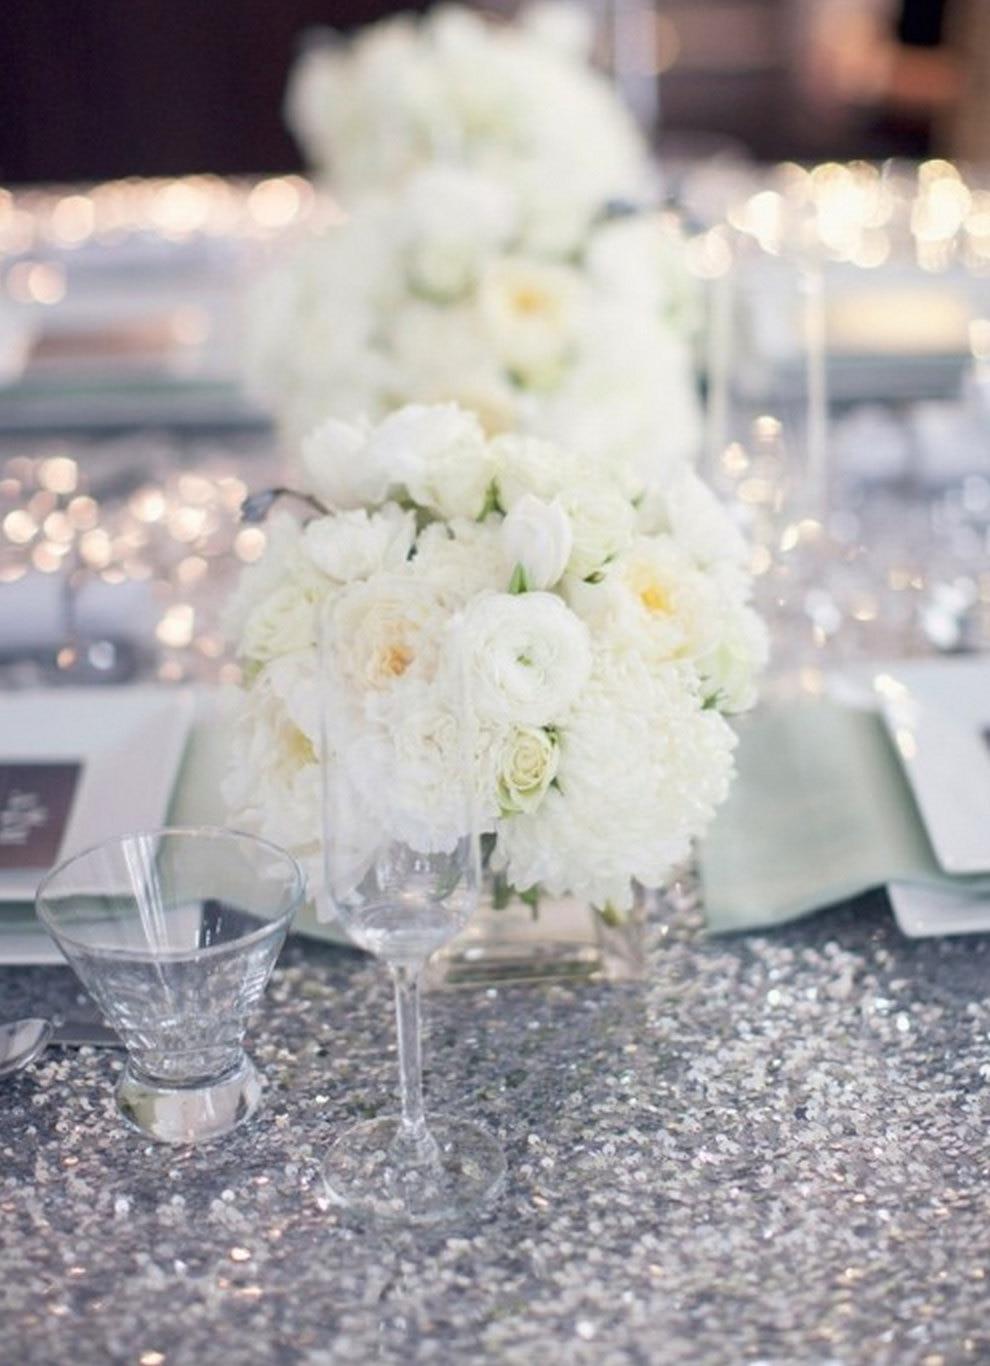 2019 brillo lentejuelas mantel 120 pulgadas de la torta de boda mantel redondo de lentejuelas de la boda de ropa de cama de plata/Champagne/oro/ blanco-in Manteles from Hogar y Mascotas    3